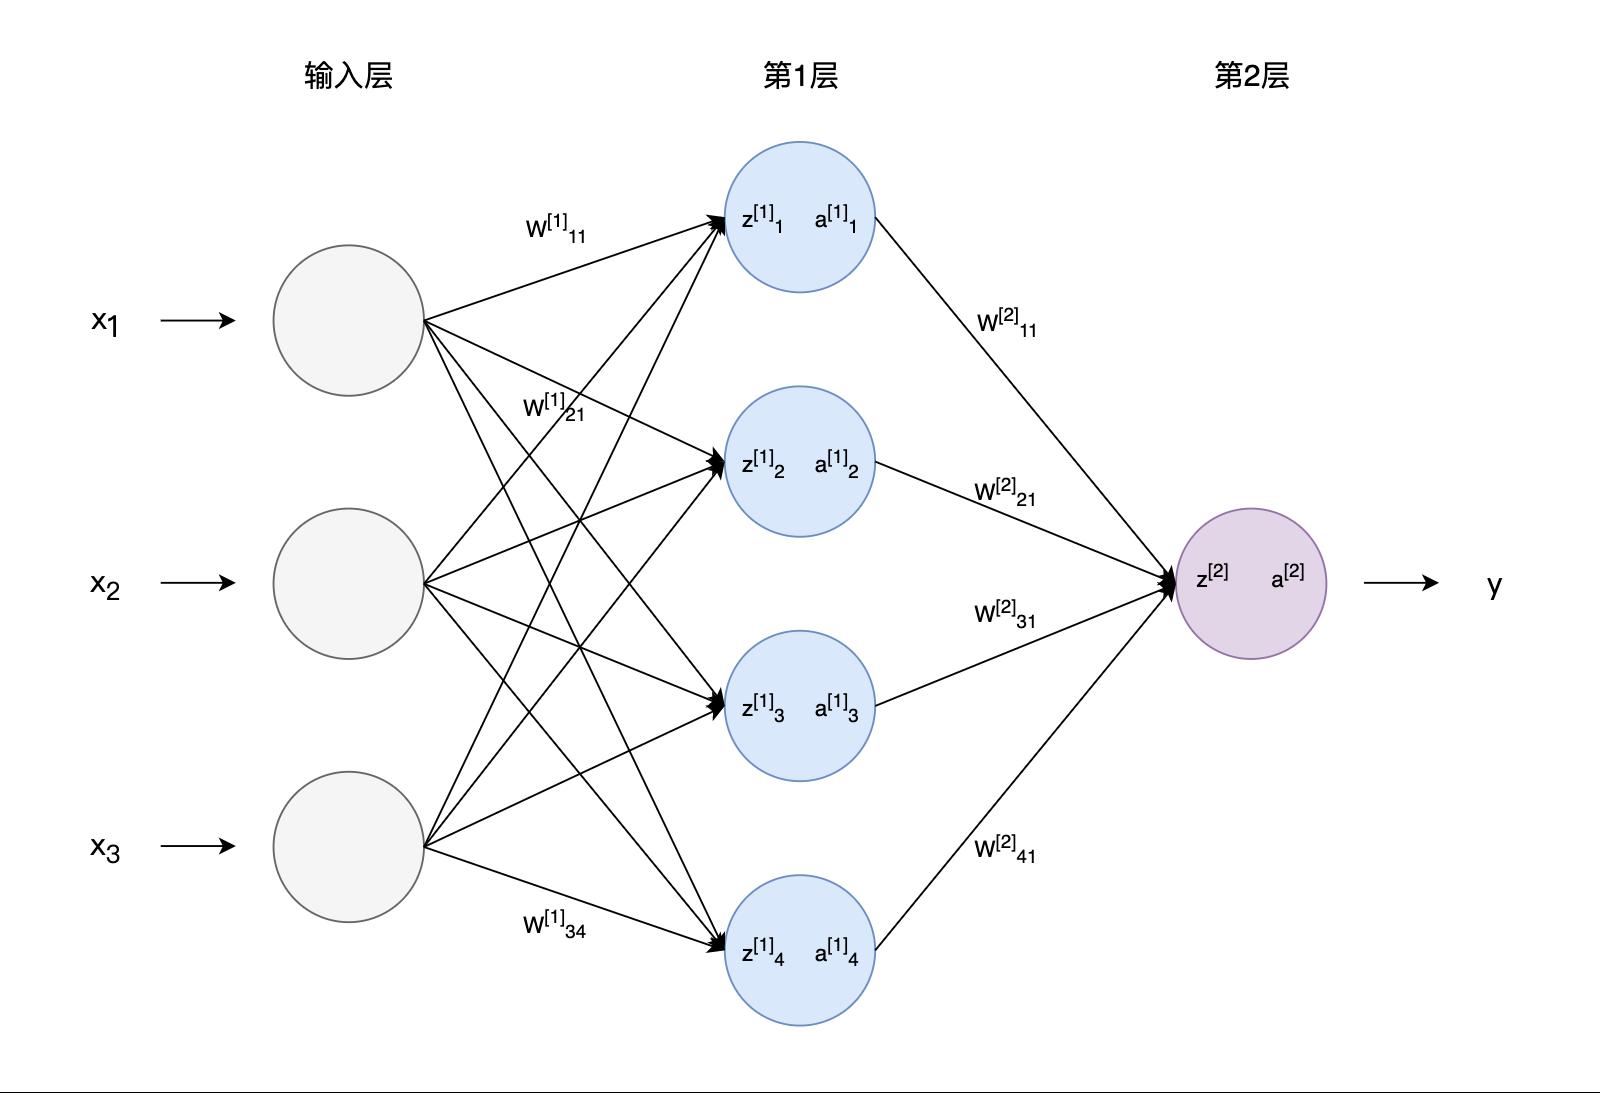 图4 神经网络中各参数符号表示